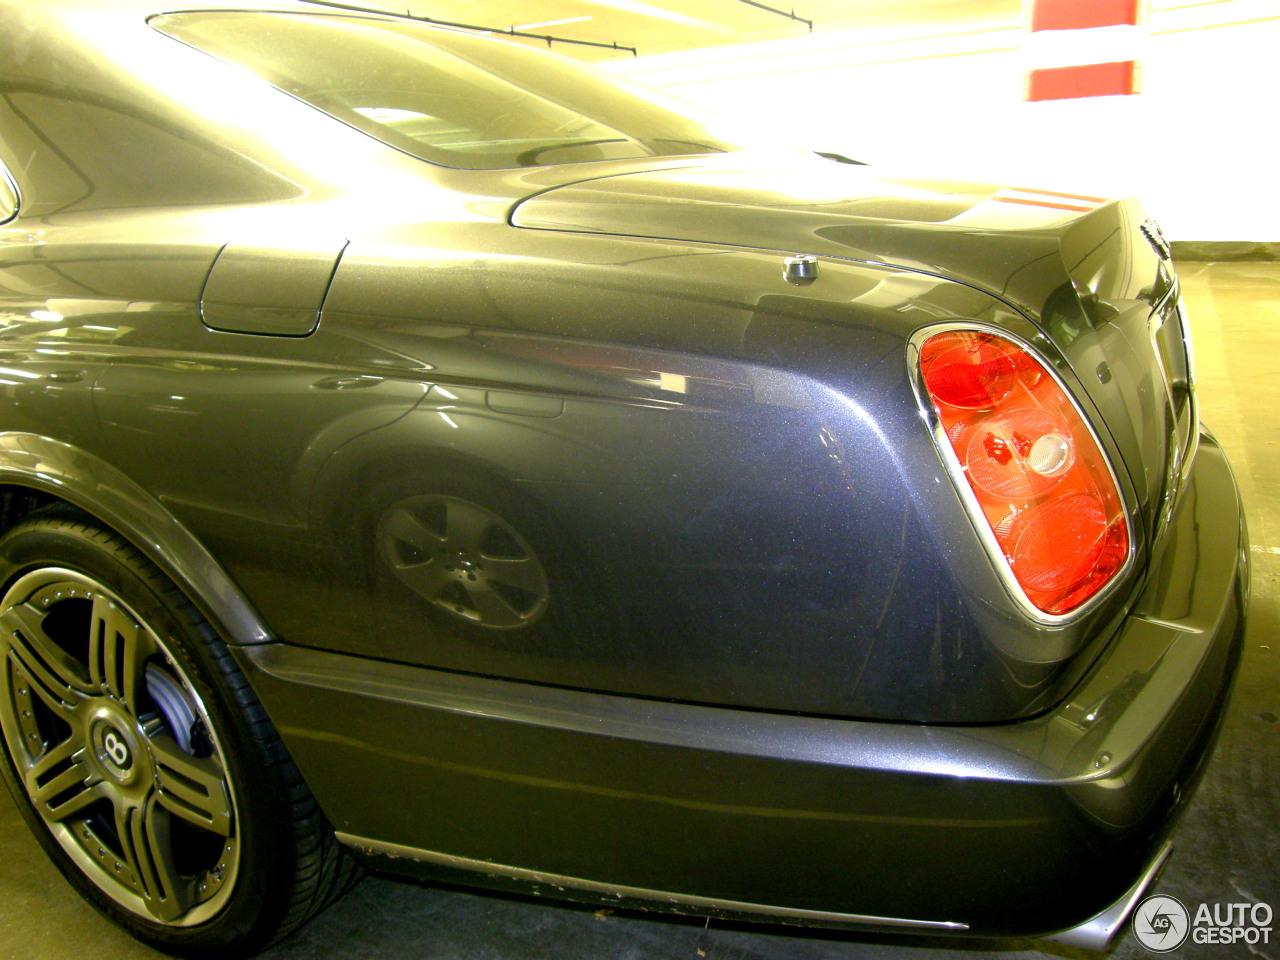 Bentley brooklands 2008 21 november 2012 autogespot 5 i bentley brooklands 2008 5 vanachro Choice Image